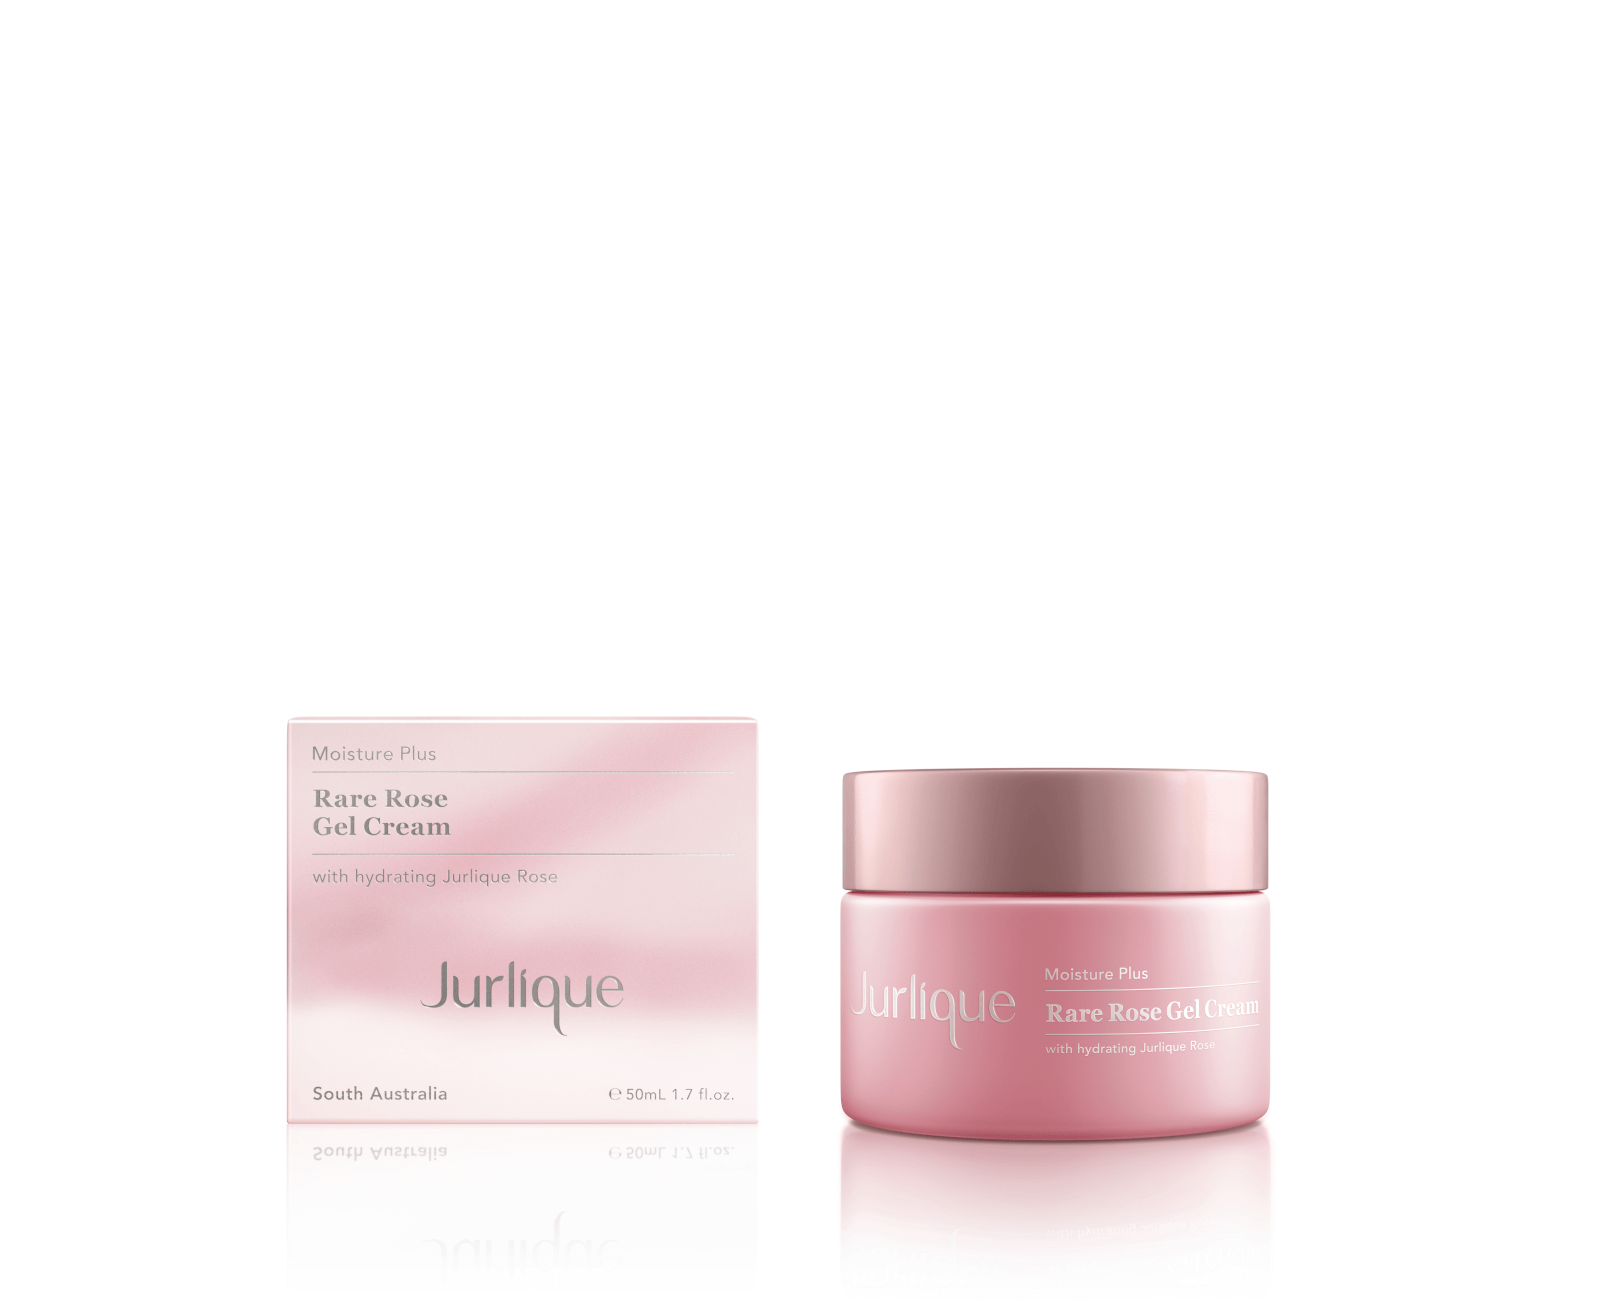 Купить Jurlique Moisture Plus Rare Rose Gel Cream 50ml